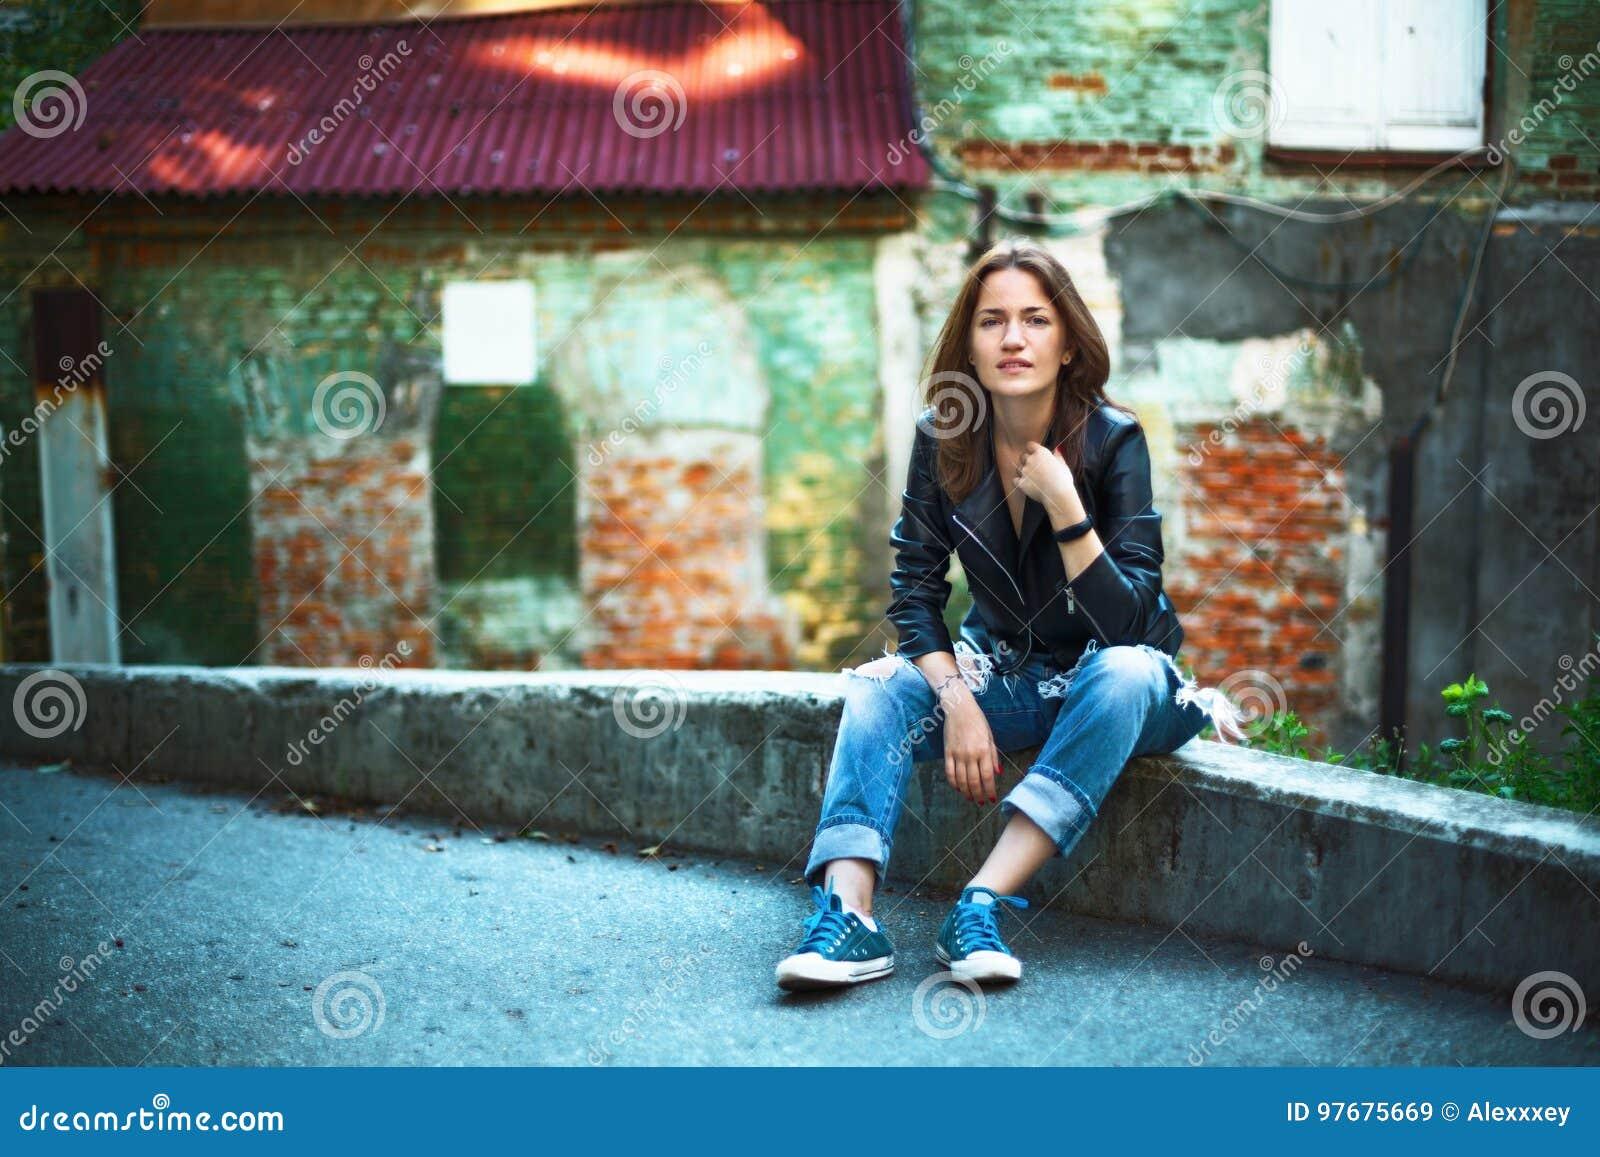 edf0cfcb9aa una-muchacha-en-una-chaqueta -de-cuero-vaqueros-y-zapatillas-de-deporte-el-sentarse-cerca-de-un-r-97675669.jpg